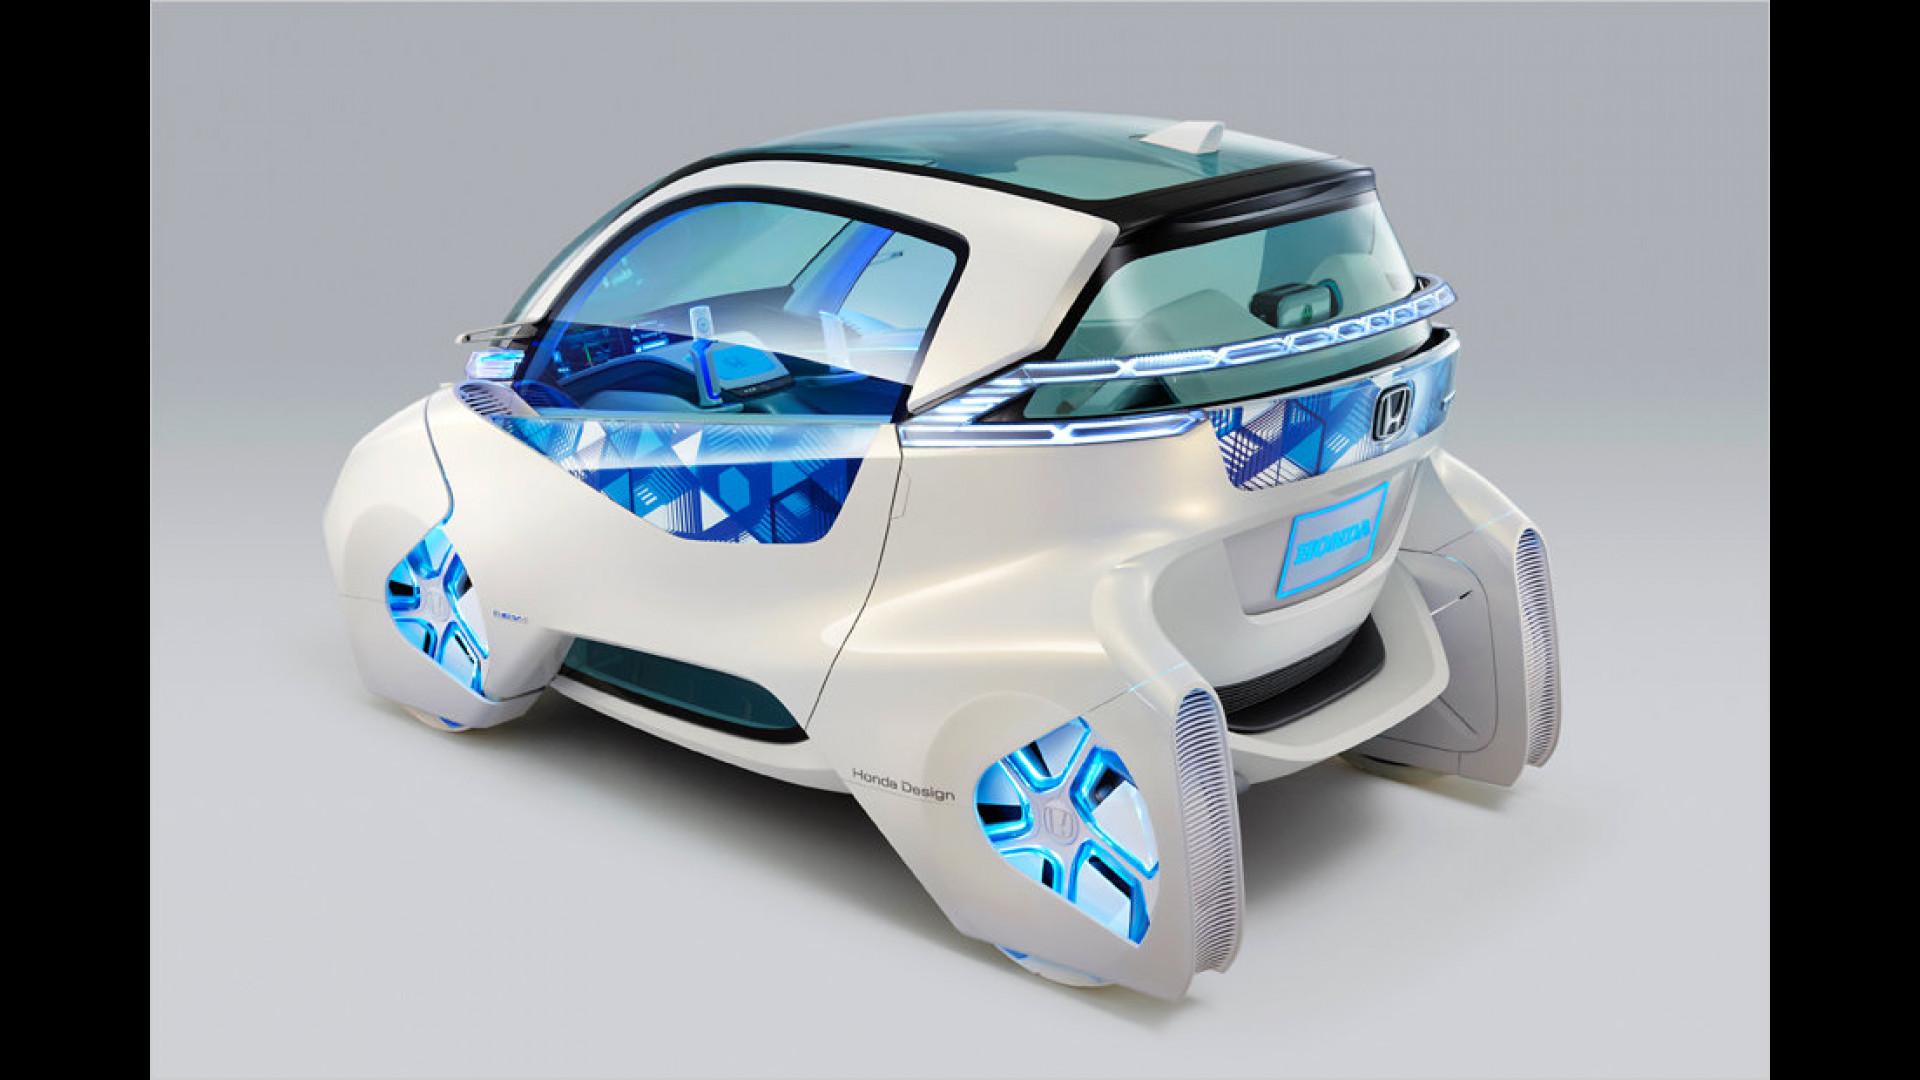 Ausgezeichnet Elektroauto Motor Design Zeitgenössisch - Elektrische ...